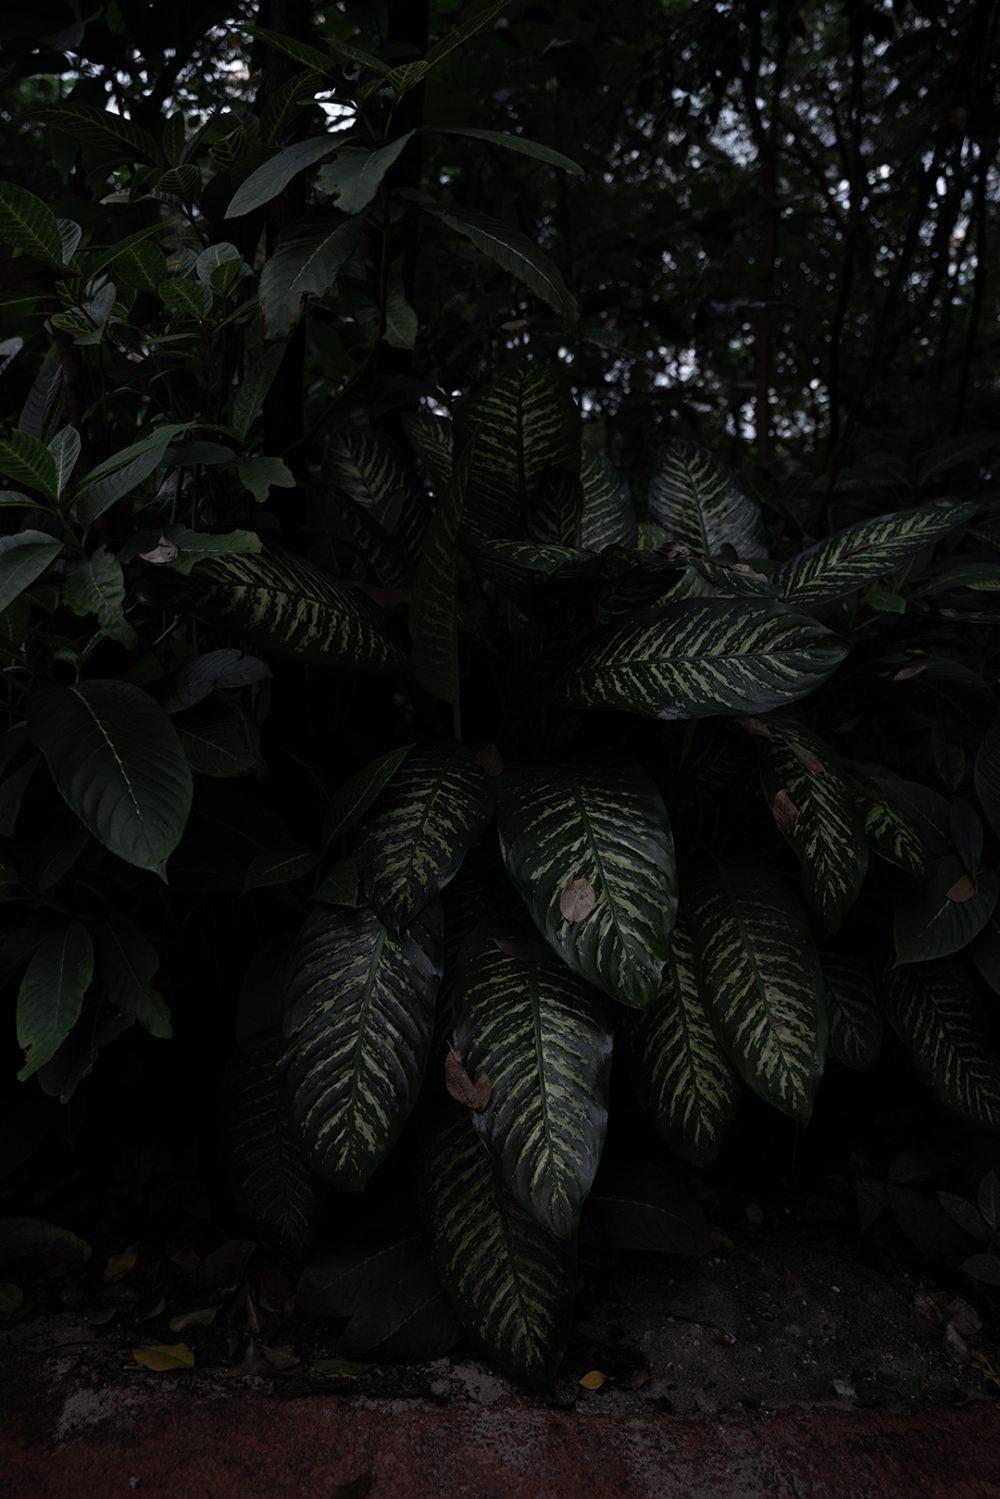 foliage-plant-exotic